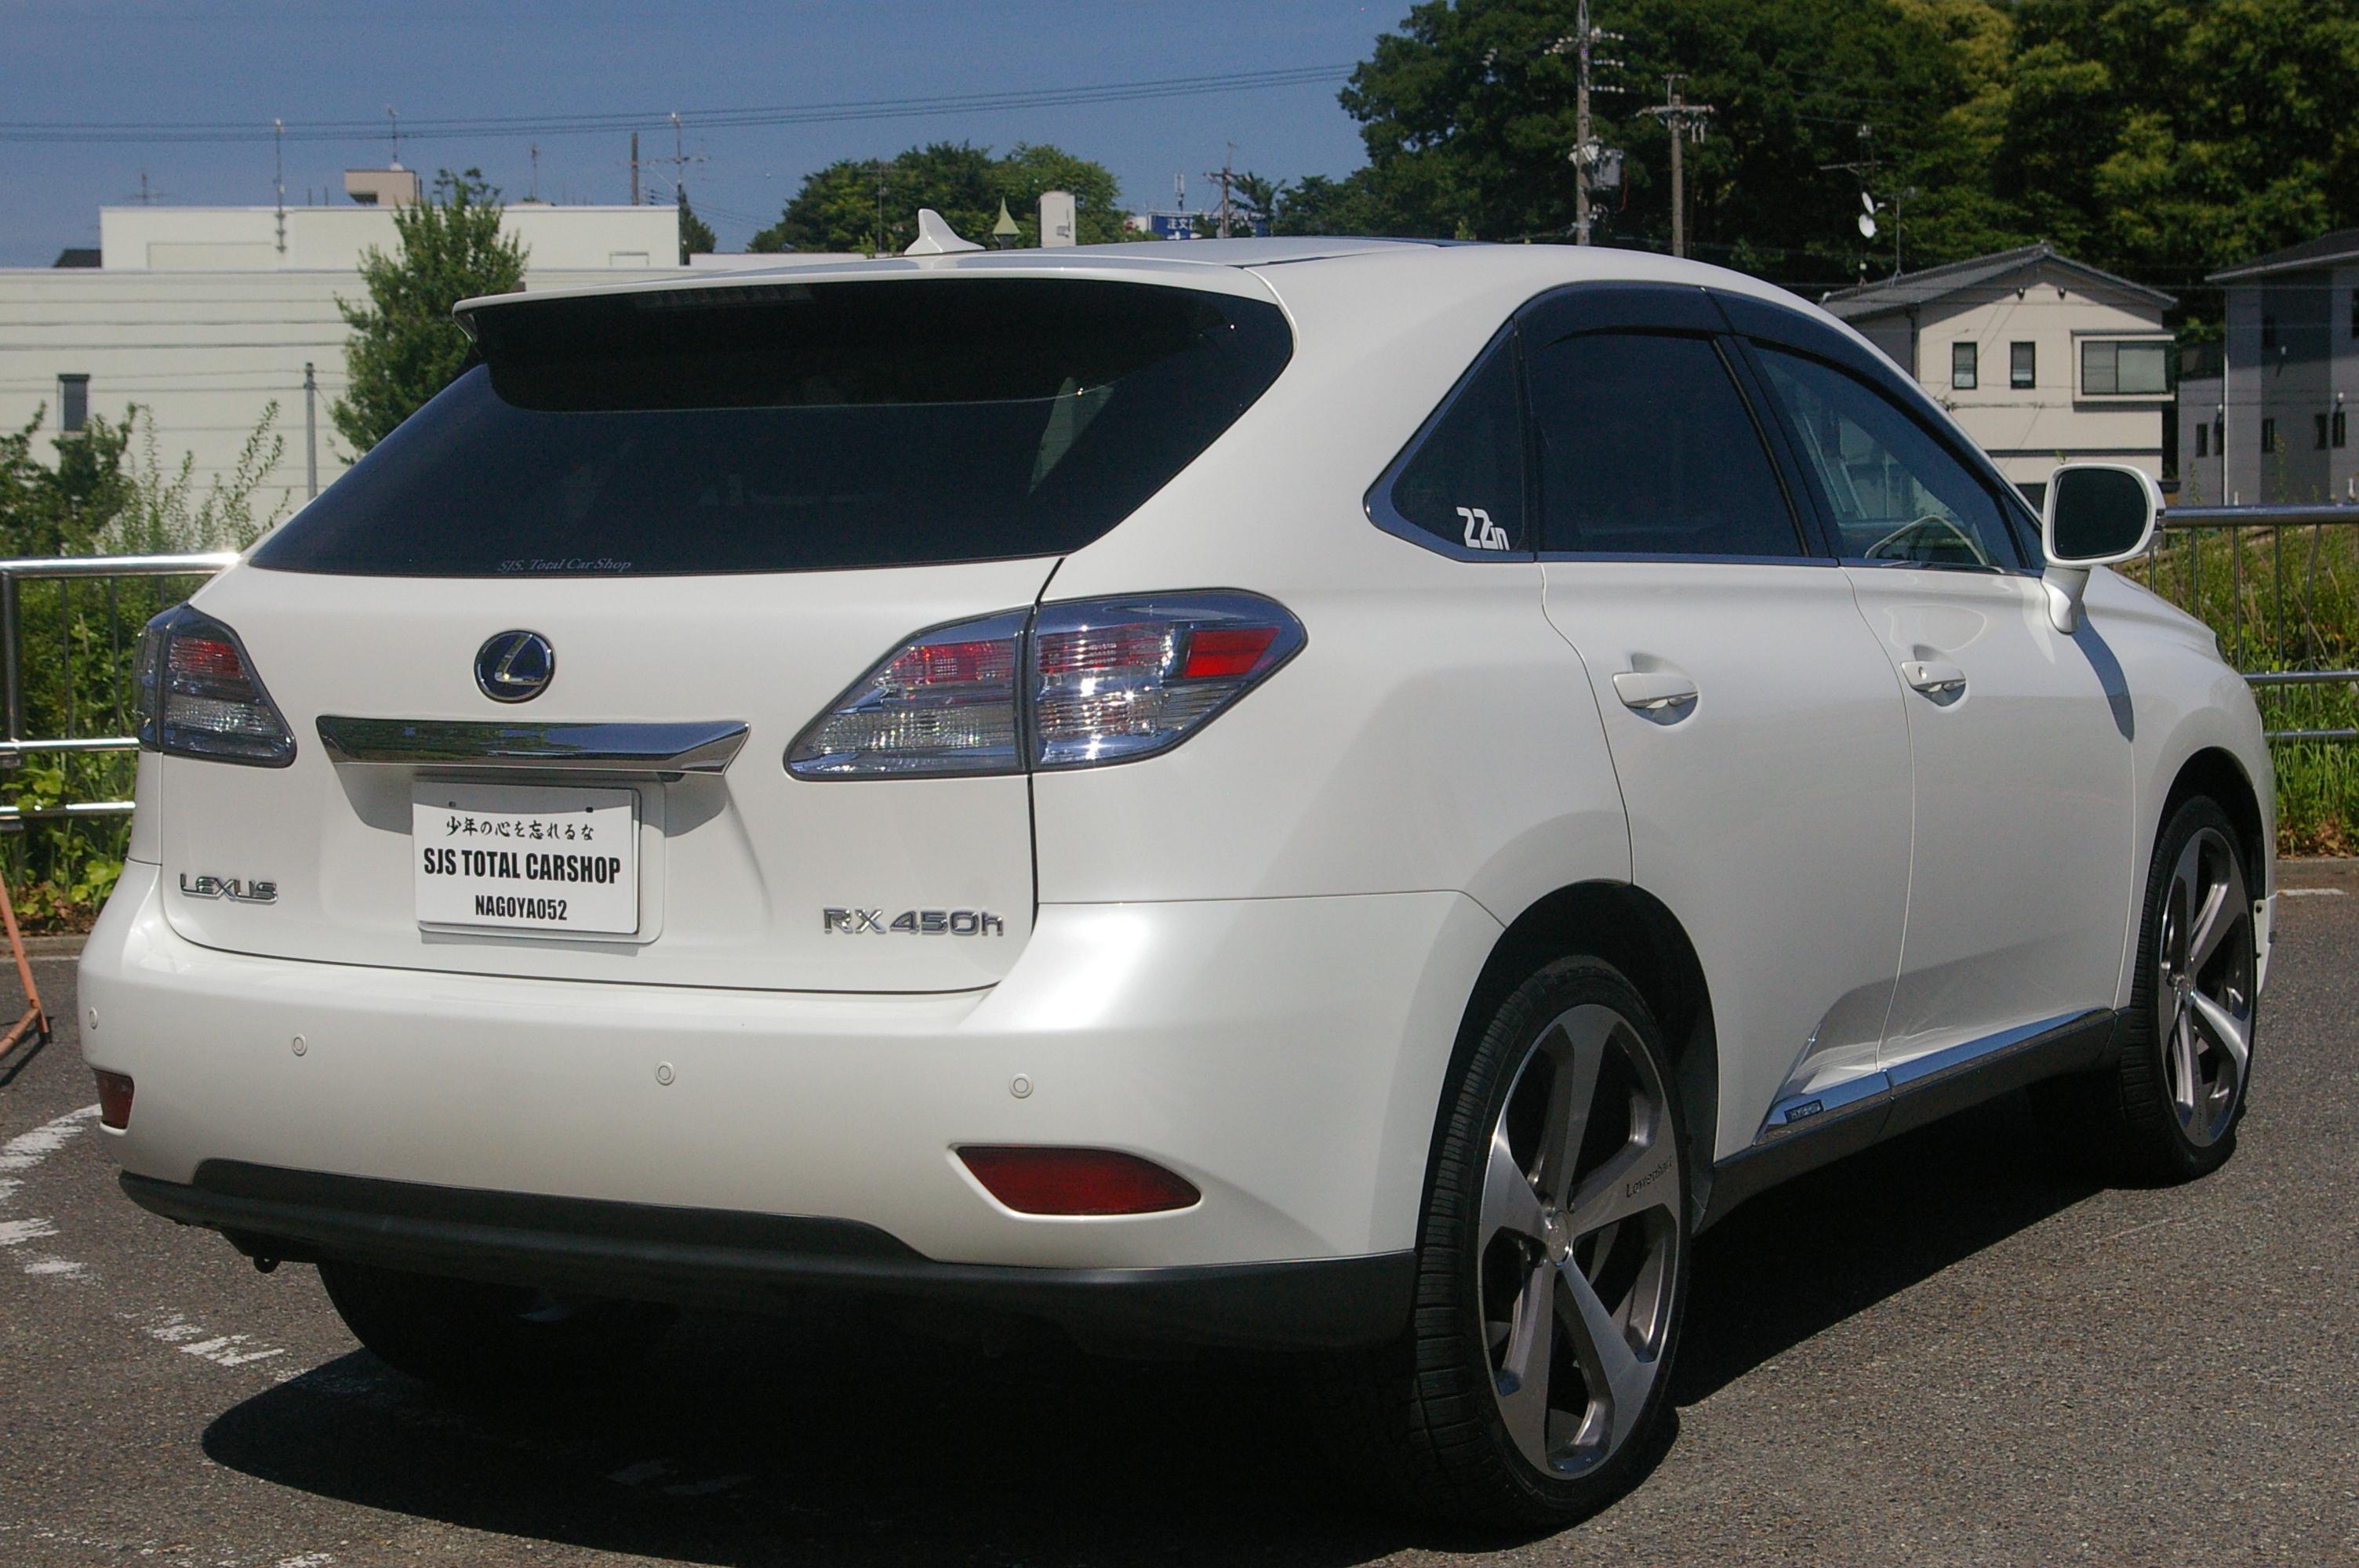 IMGP5386